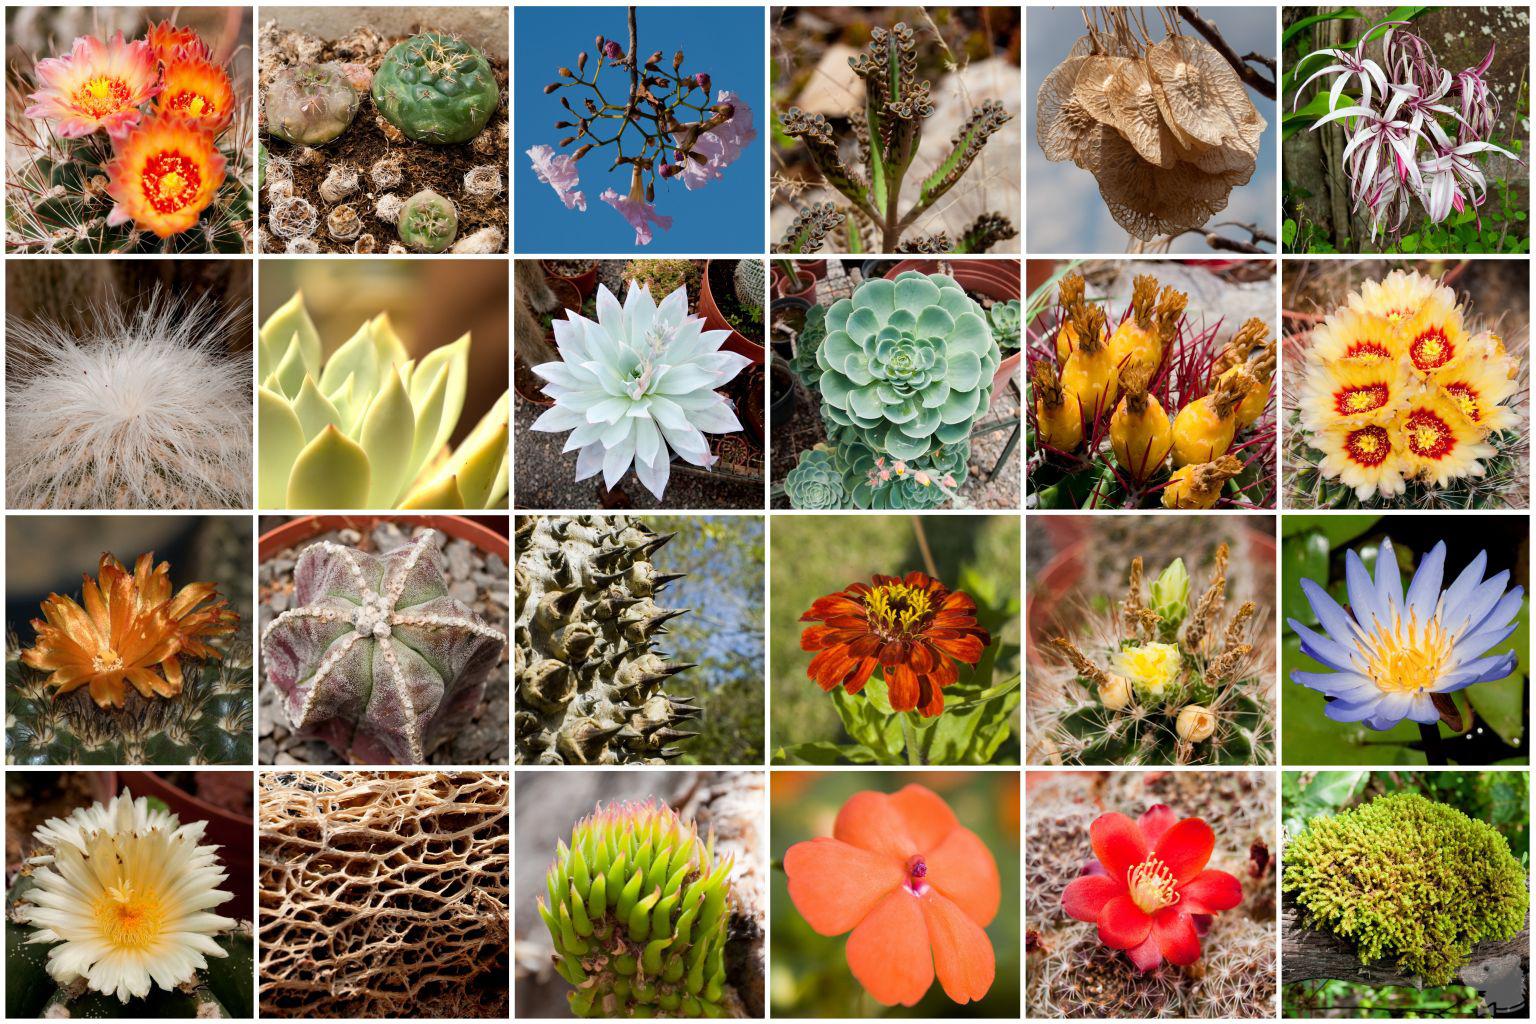 Ribuan Daftar Nama Latin Ilmiah Tumbuhan Tanaman Terlengkap